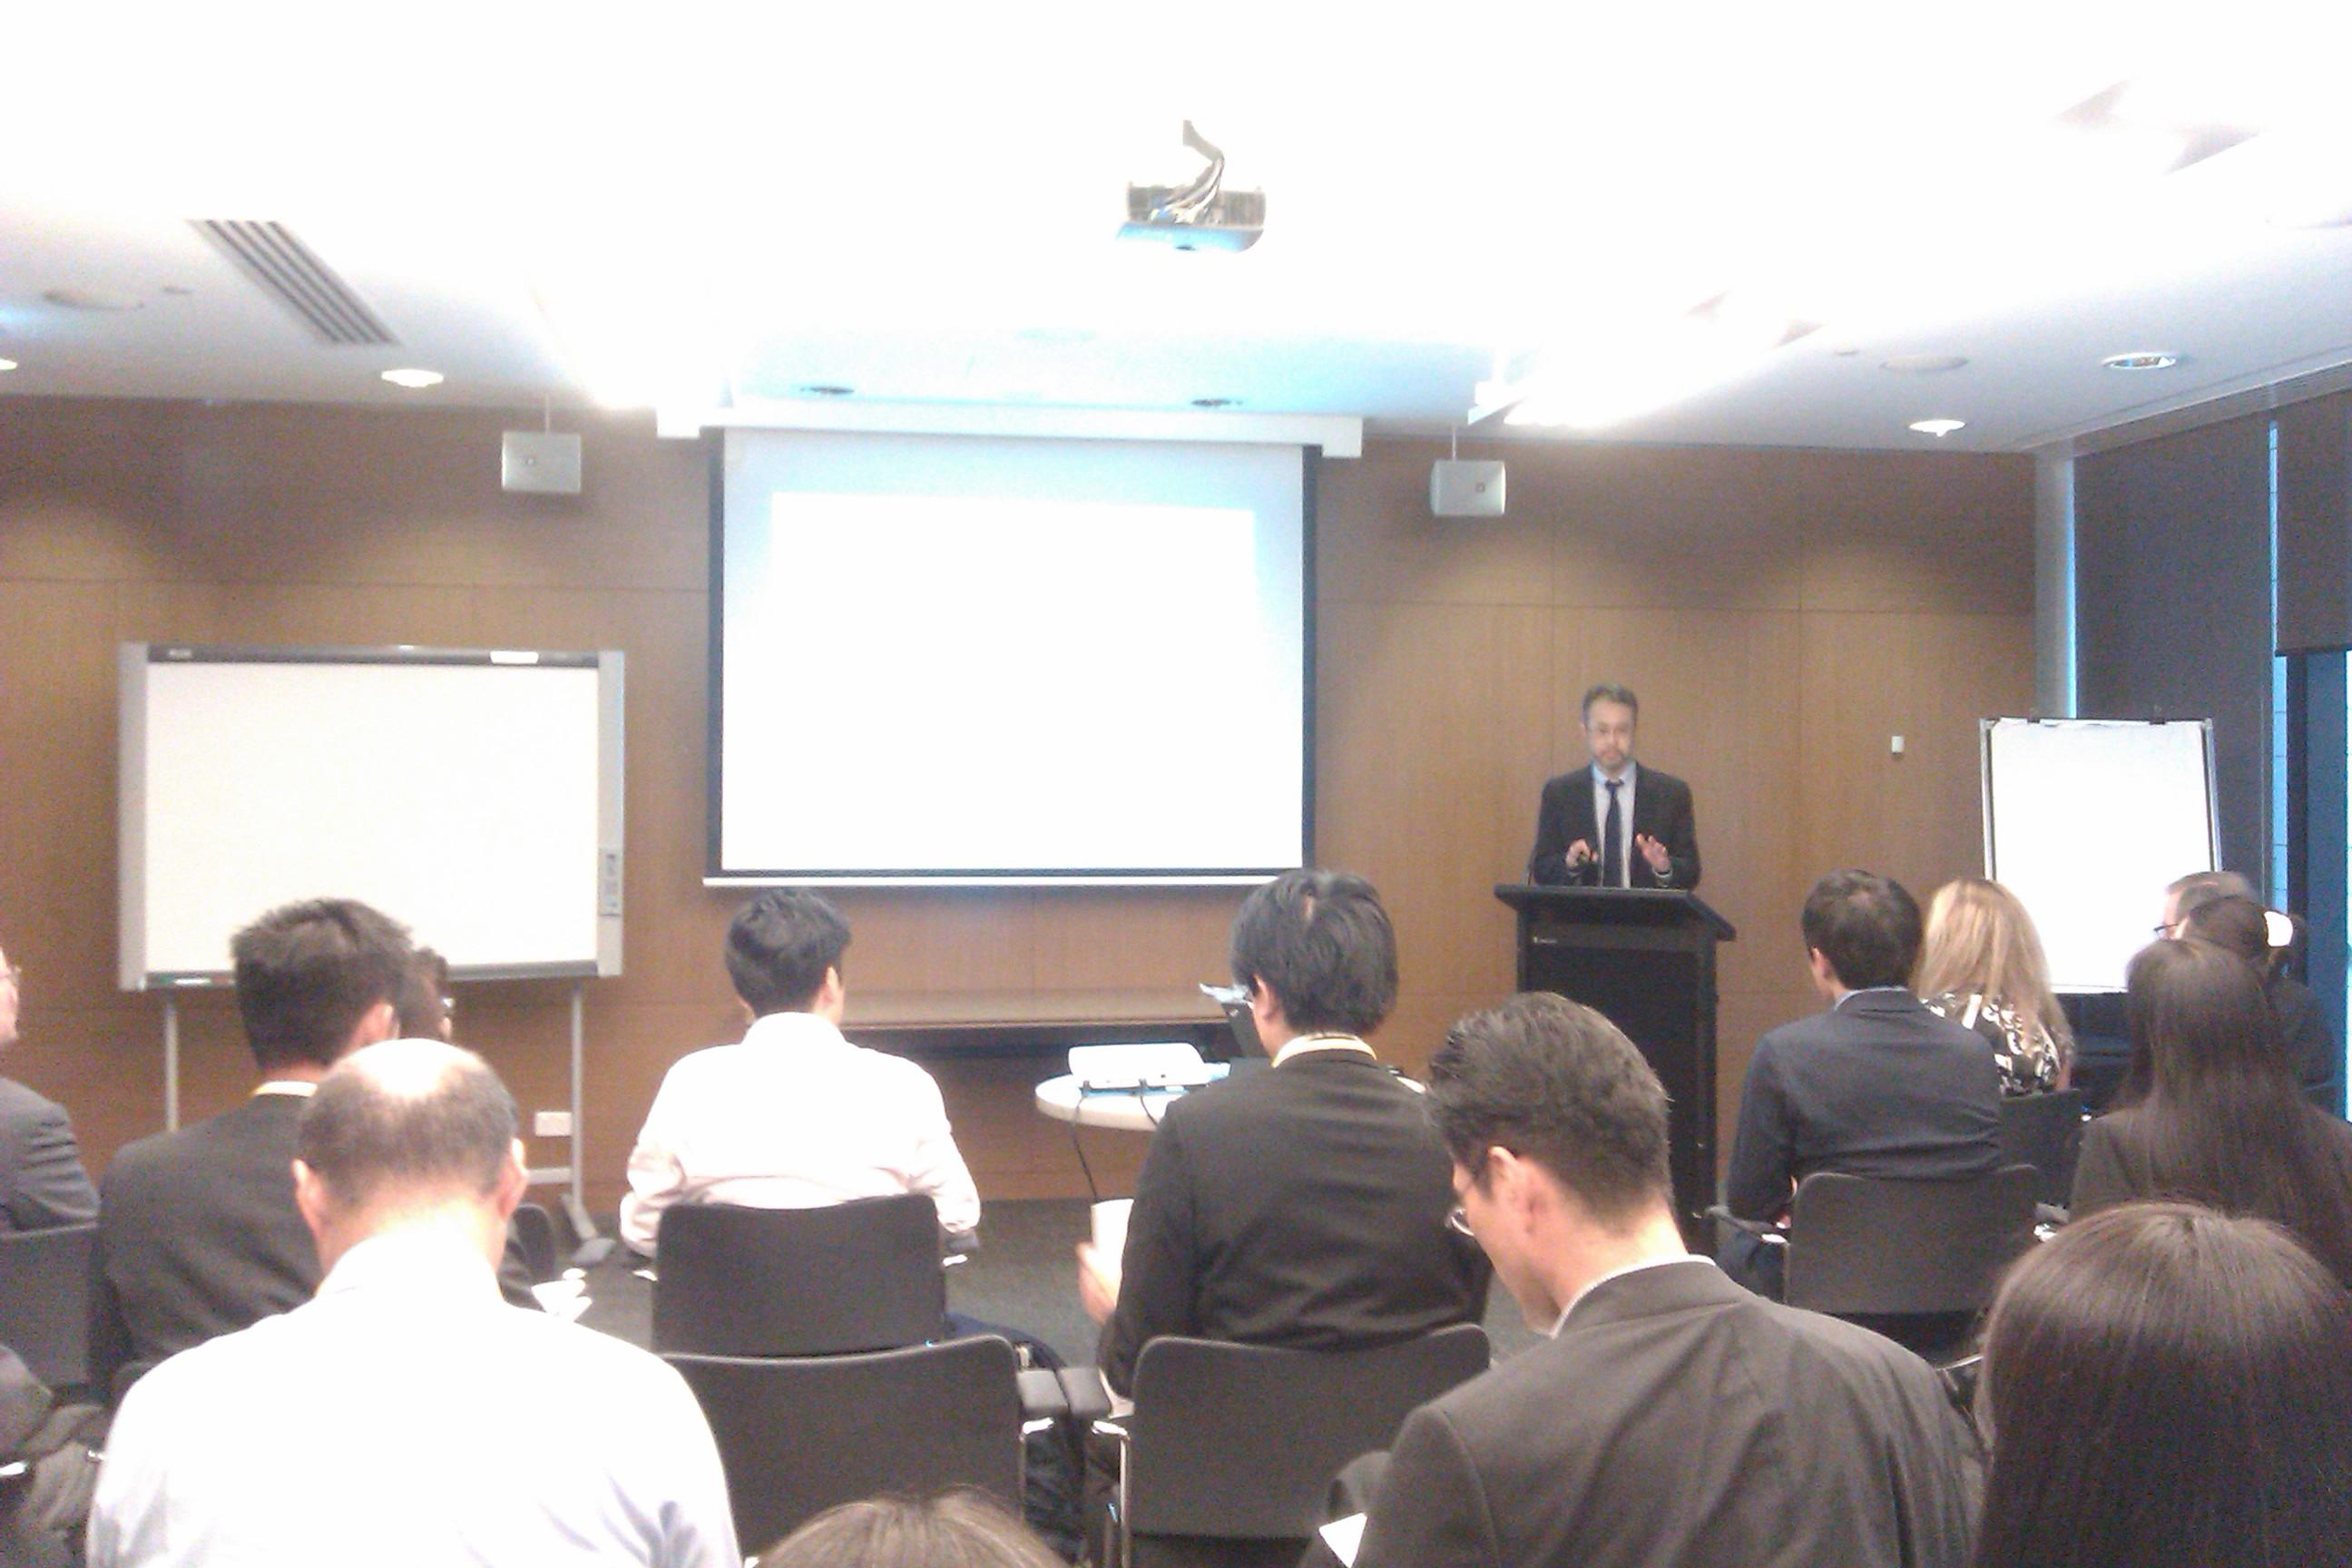 JCCIM-JETROセミナー「CPTPP概要と活用に関するセミナー」のご報告